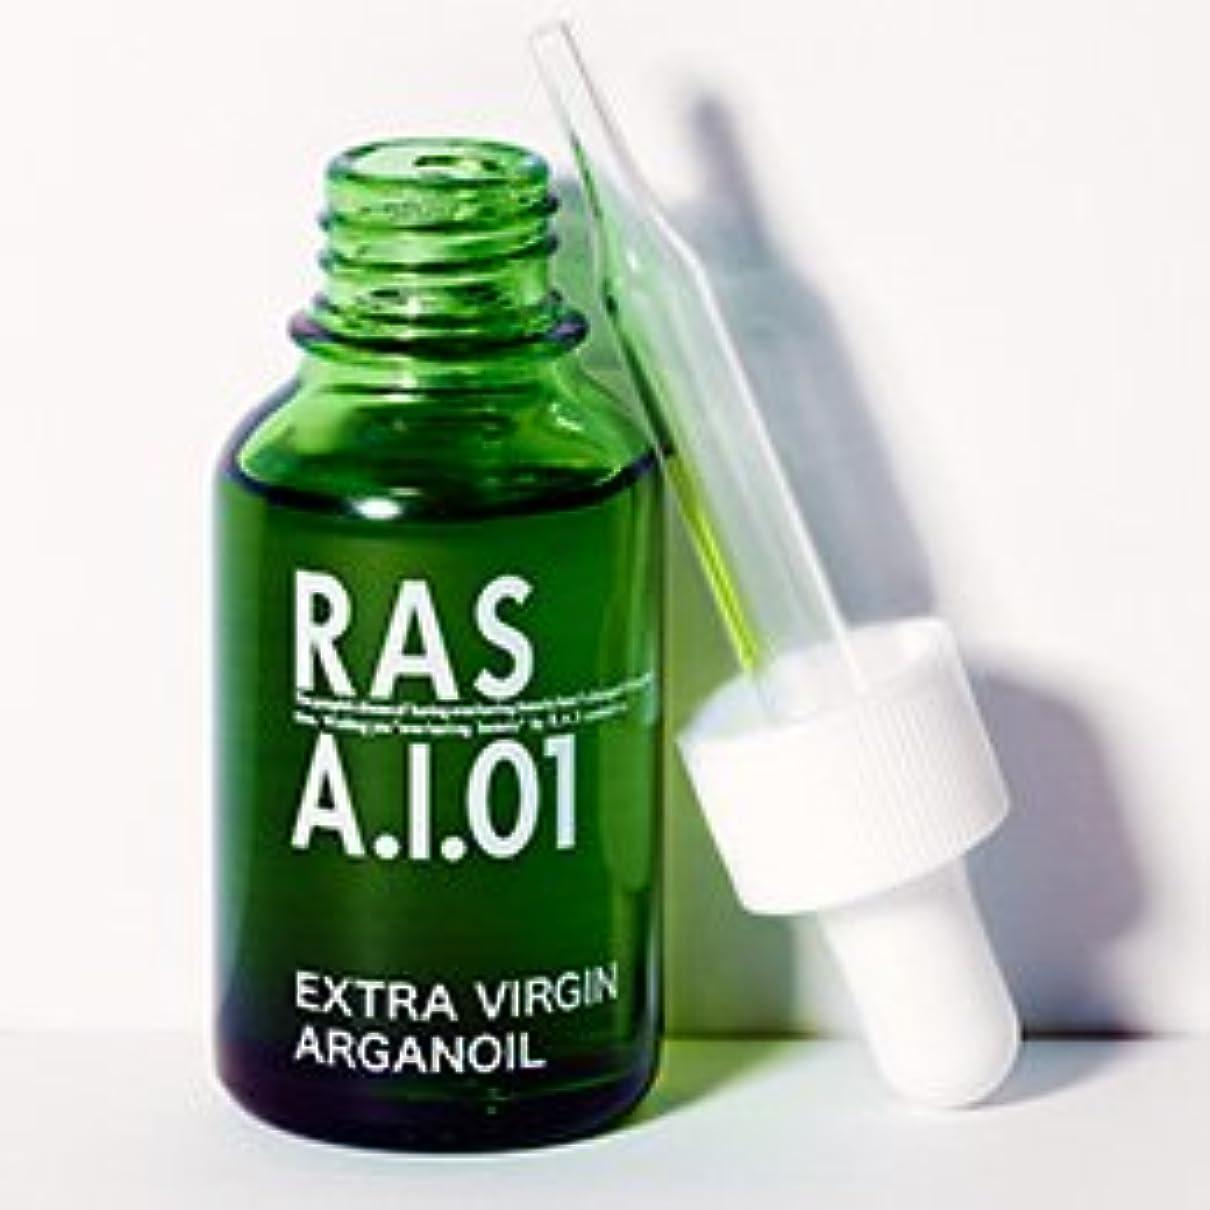 種をまく邪悪な征服RAS A.I.01 アルガンオイル 30ml 超高圧熟成